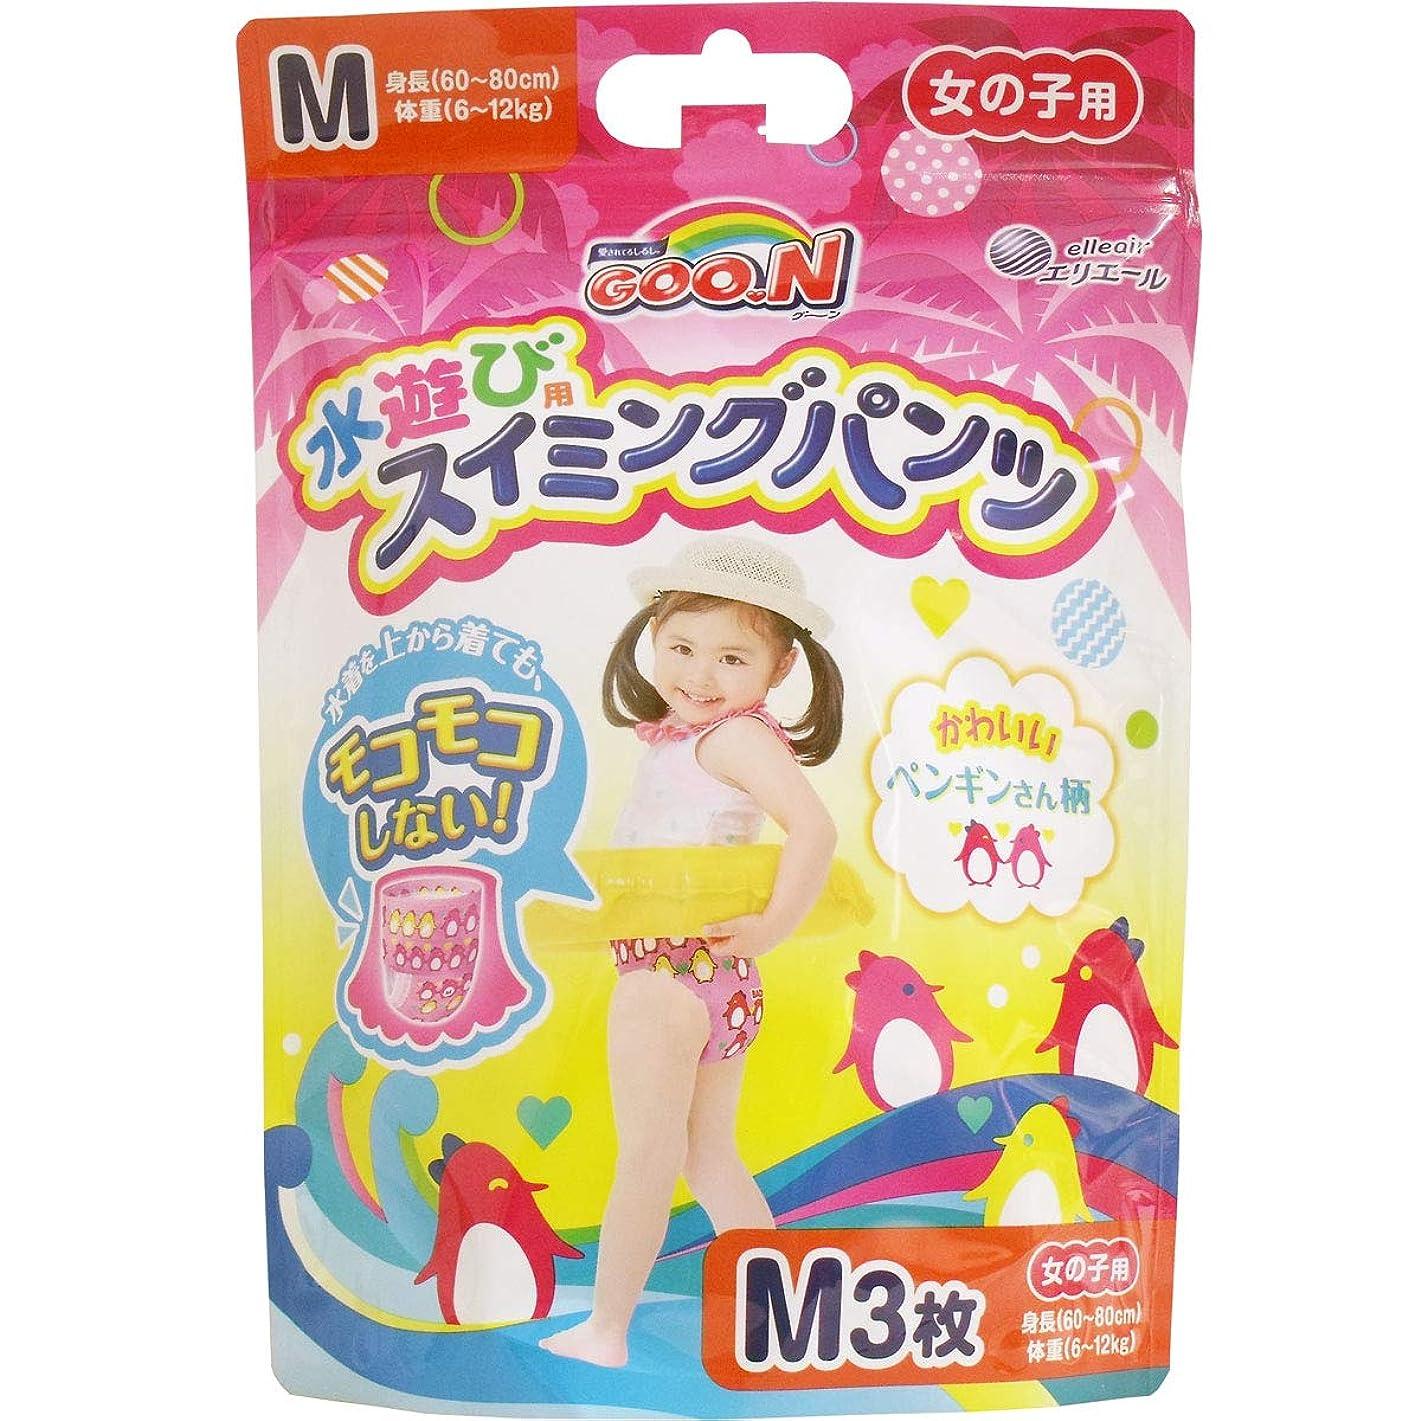 超音速言い直すドール大王グーン 水遊び用スイミングパンツ 女の子用 Mサイズ 3枚入